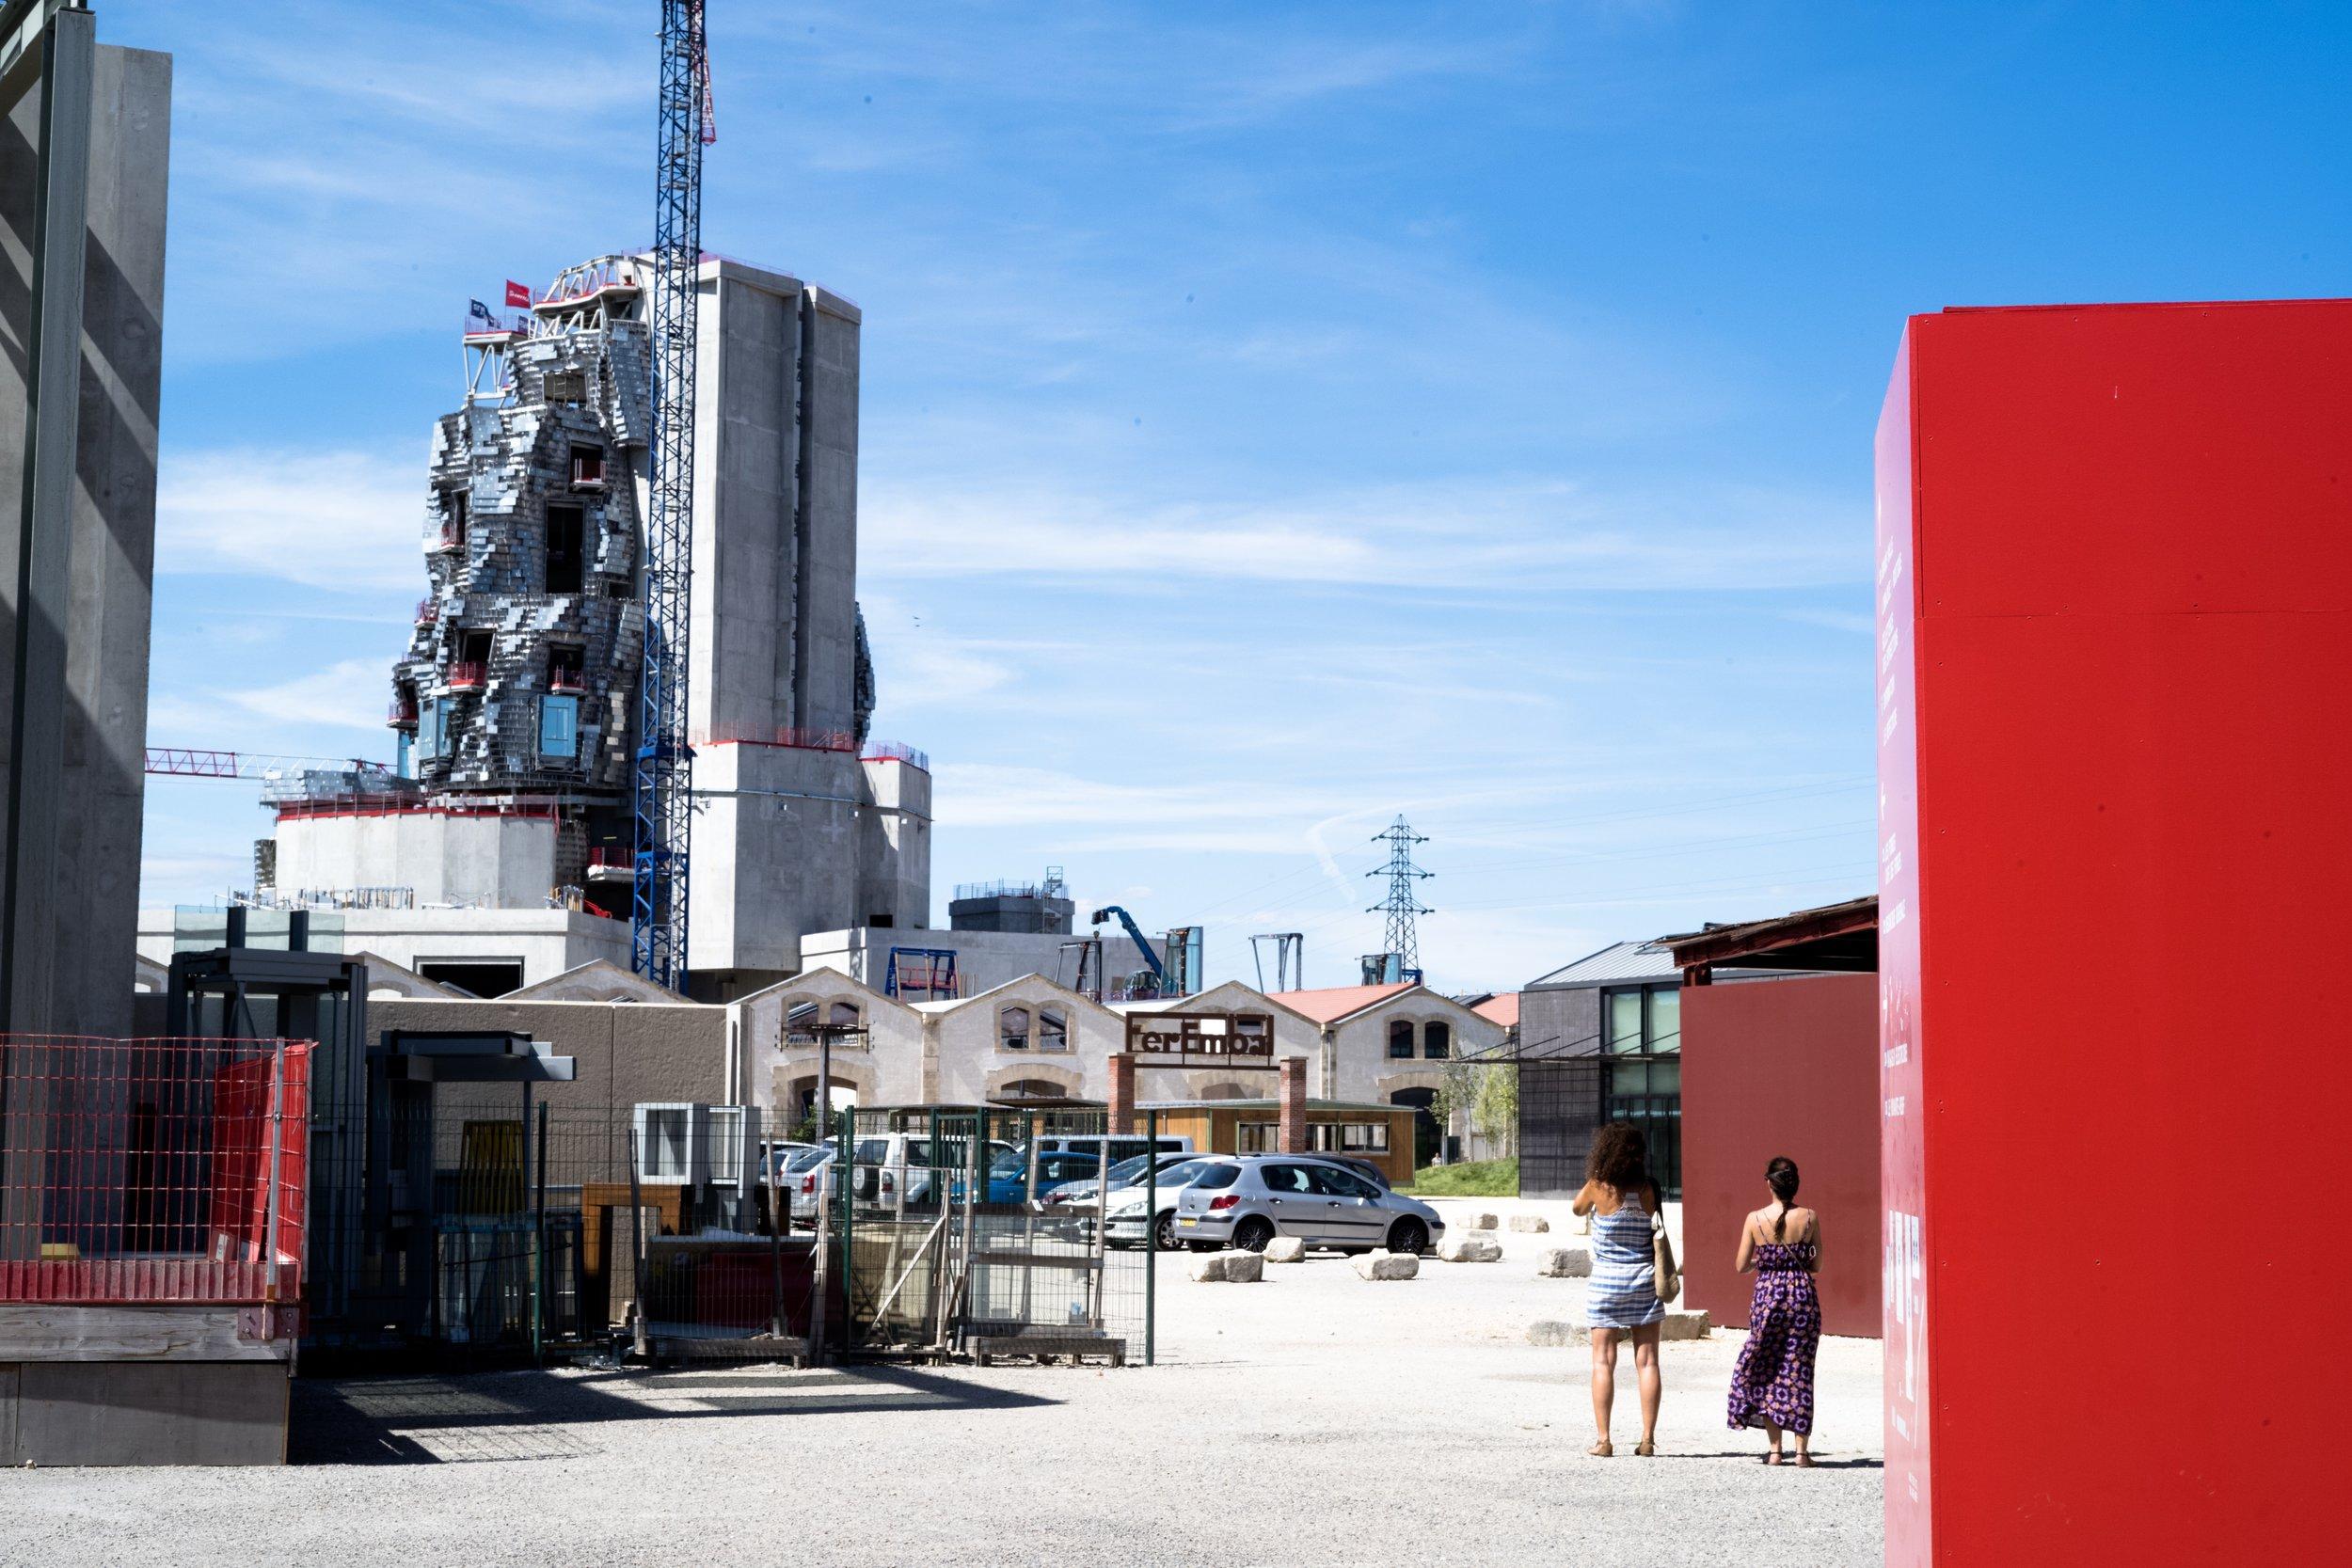 La Fondation Luma et la tour Gehry en construction.